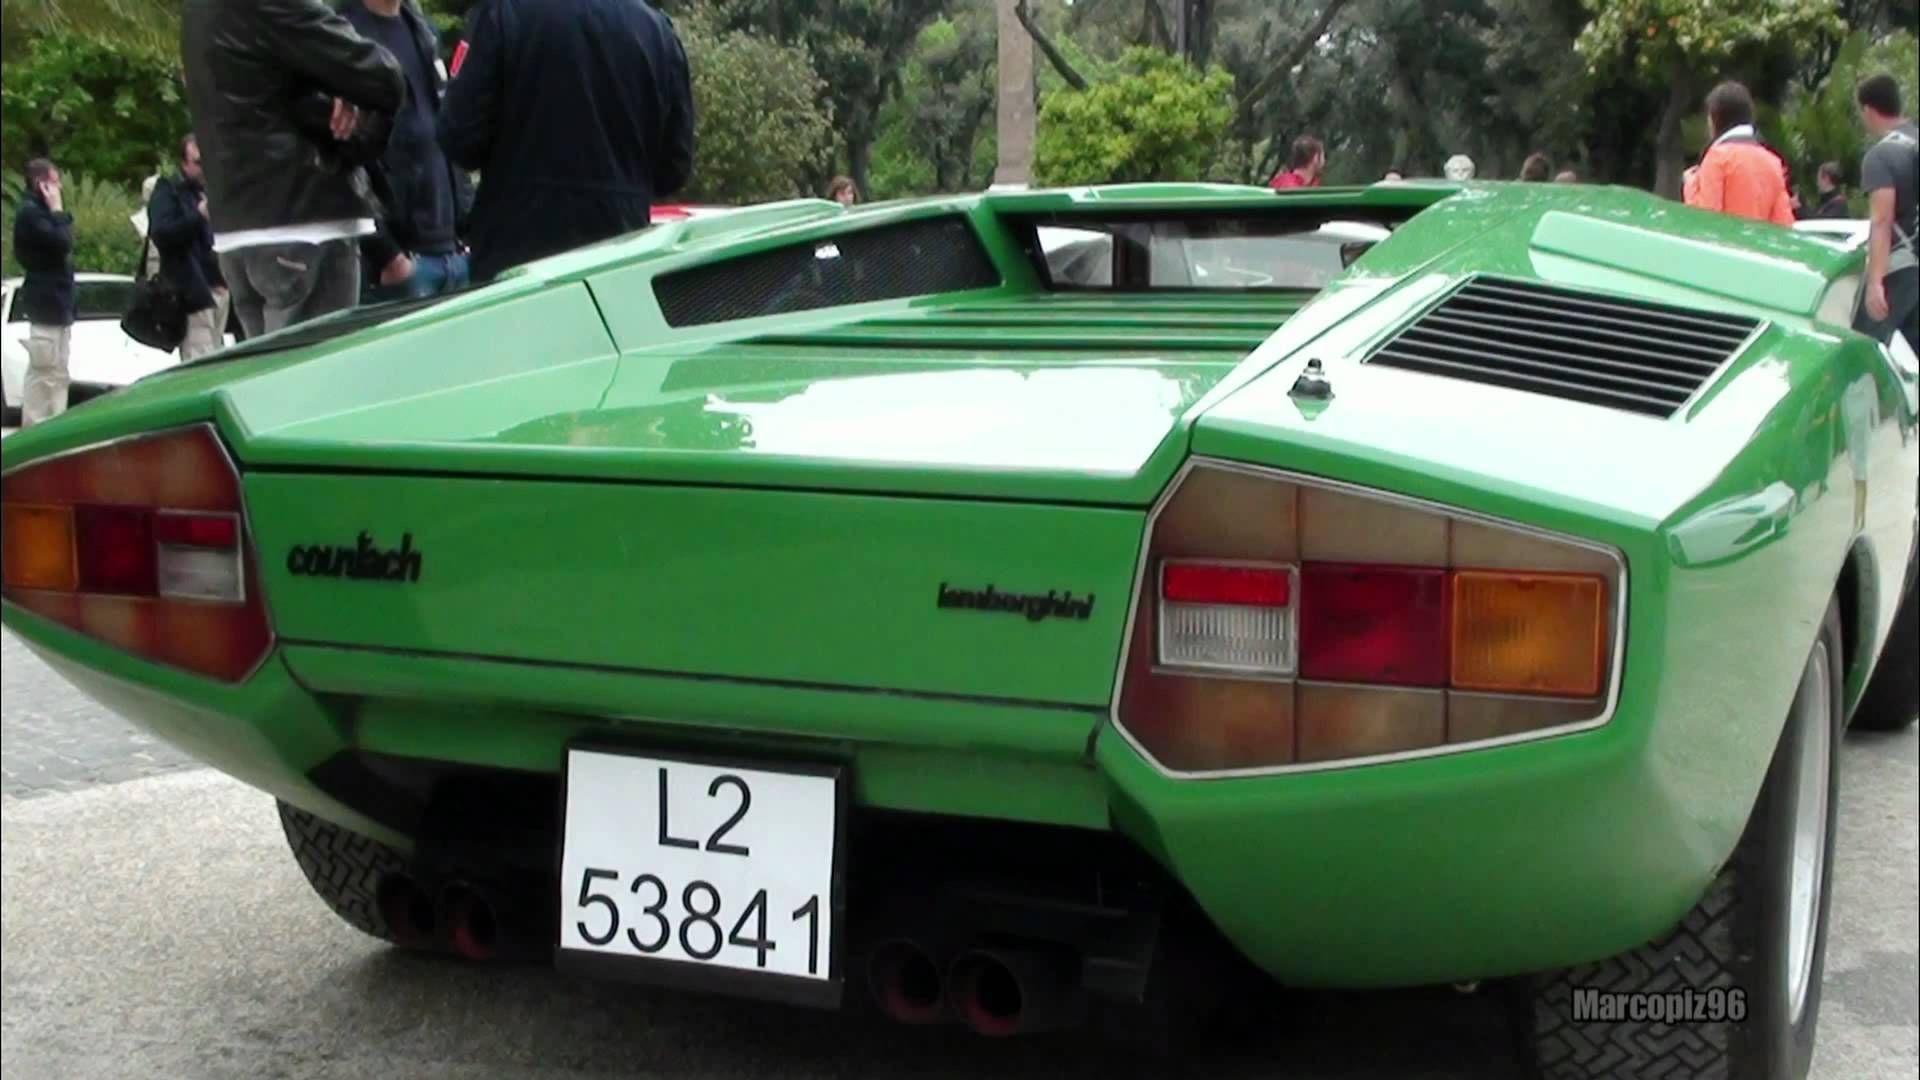 5edf7ffaa0c0ebc93869c31e153aa1b6 Remarkable Lamborghini Countach In Real Racing 3 Cars Trend